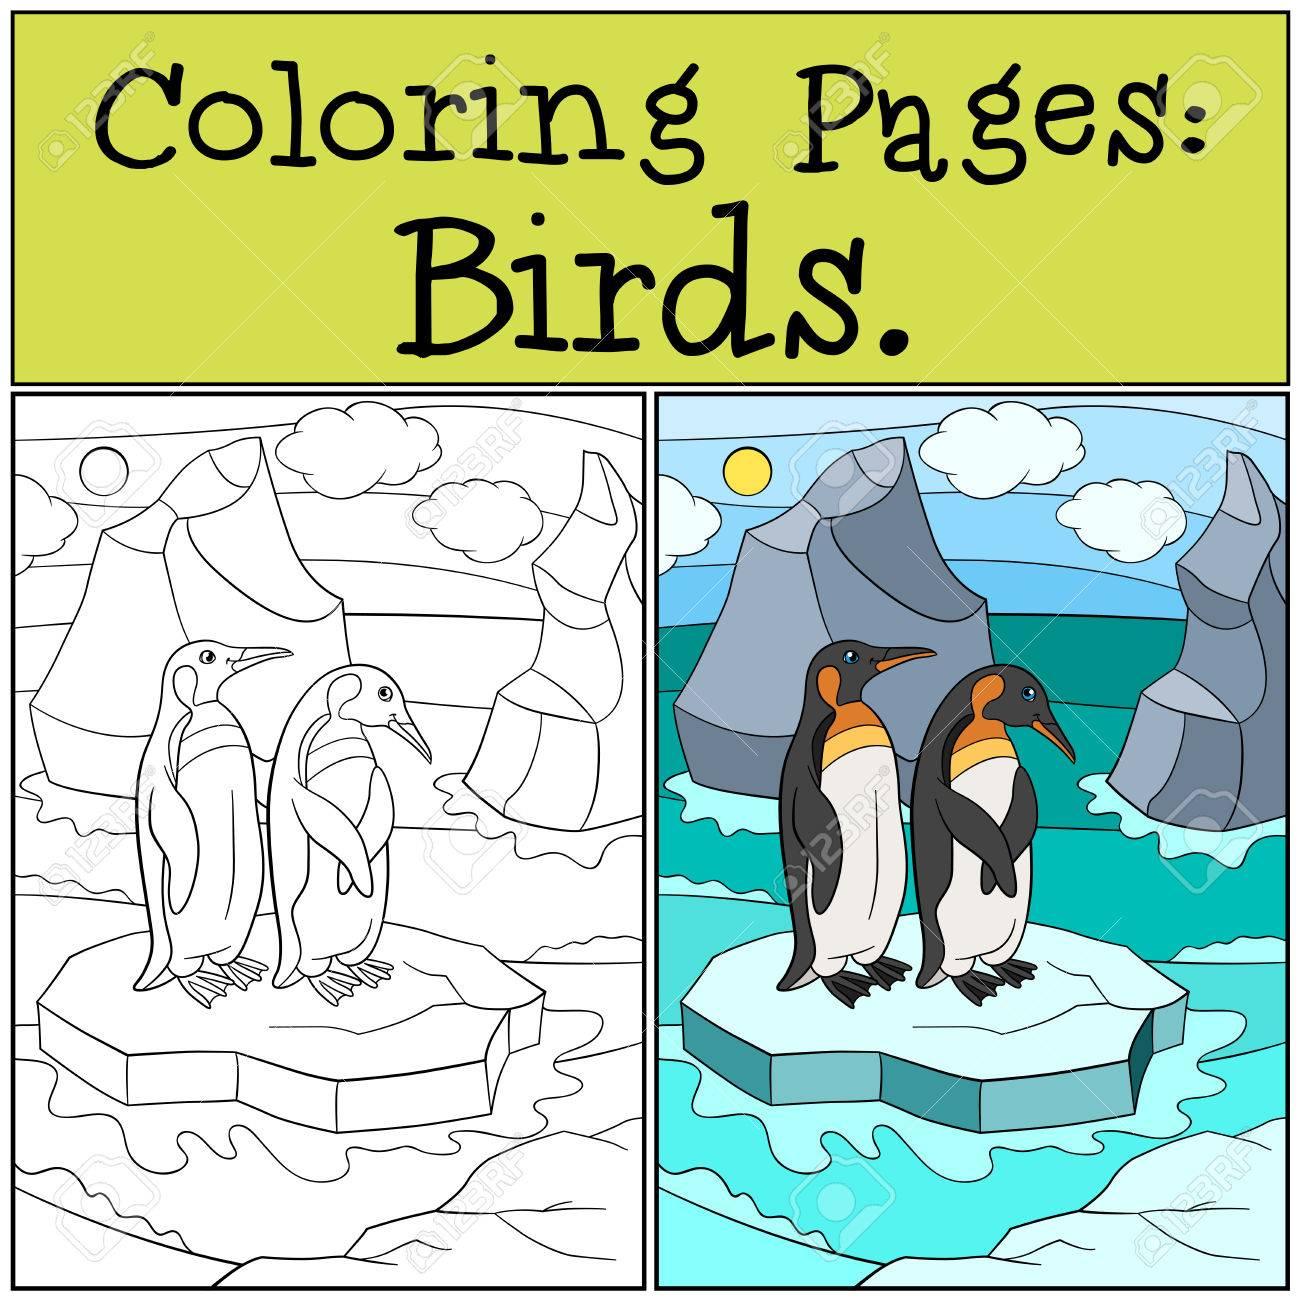 Malvorlagen: Vögel. Zwei Kleine Süße Pinguine Stehen Auf Der ...